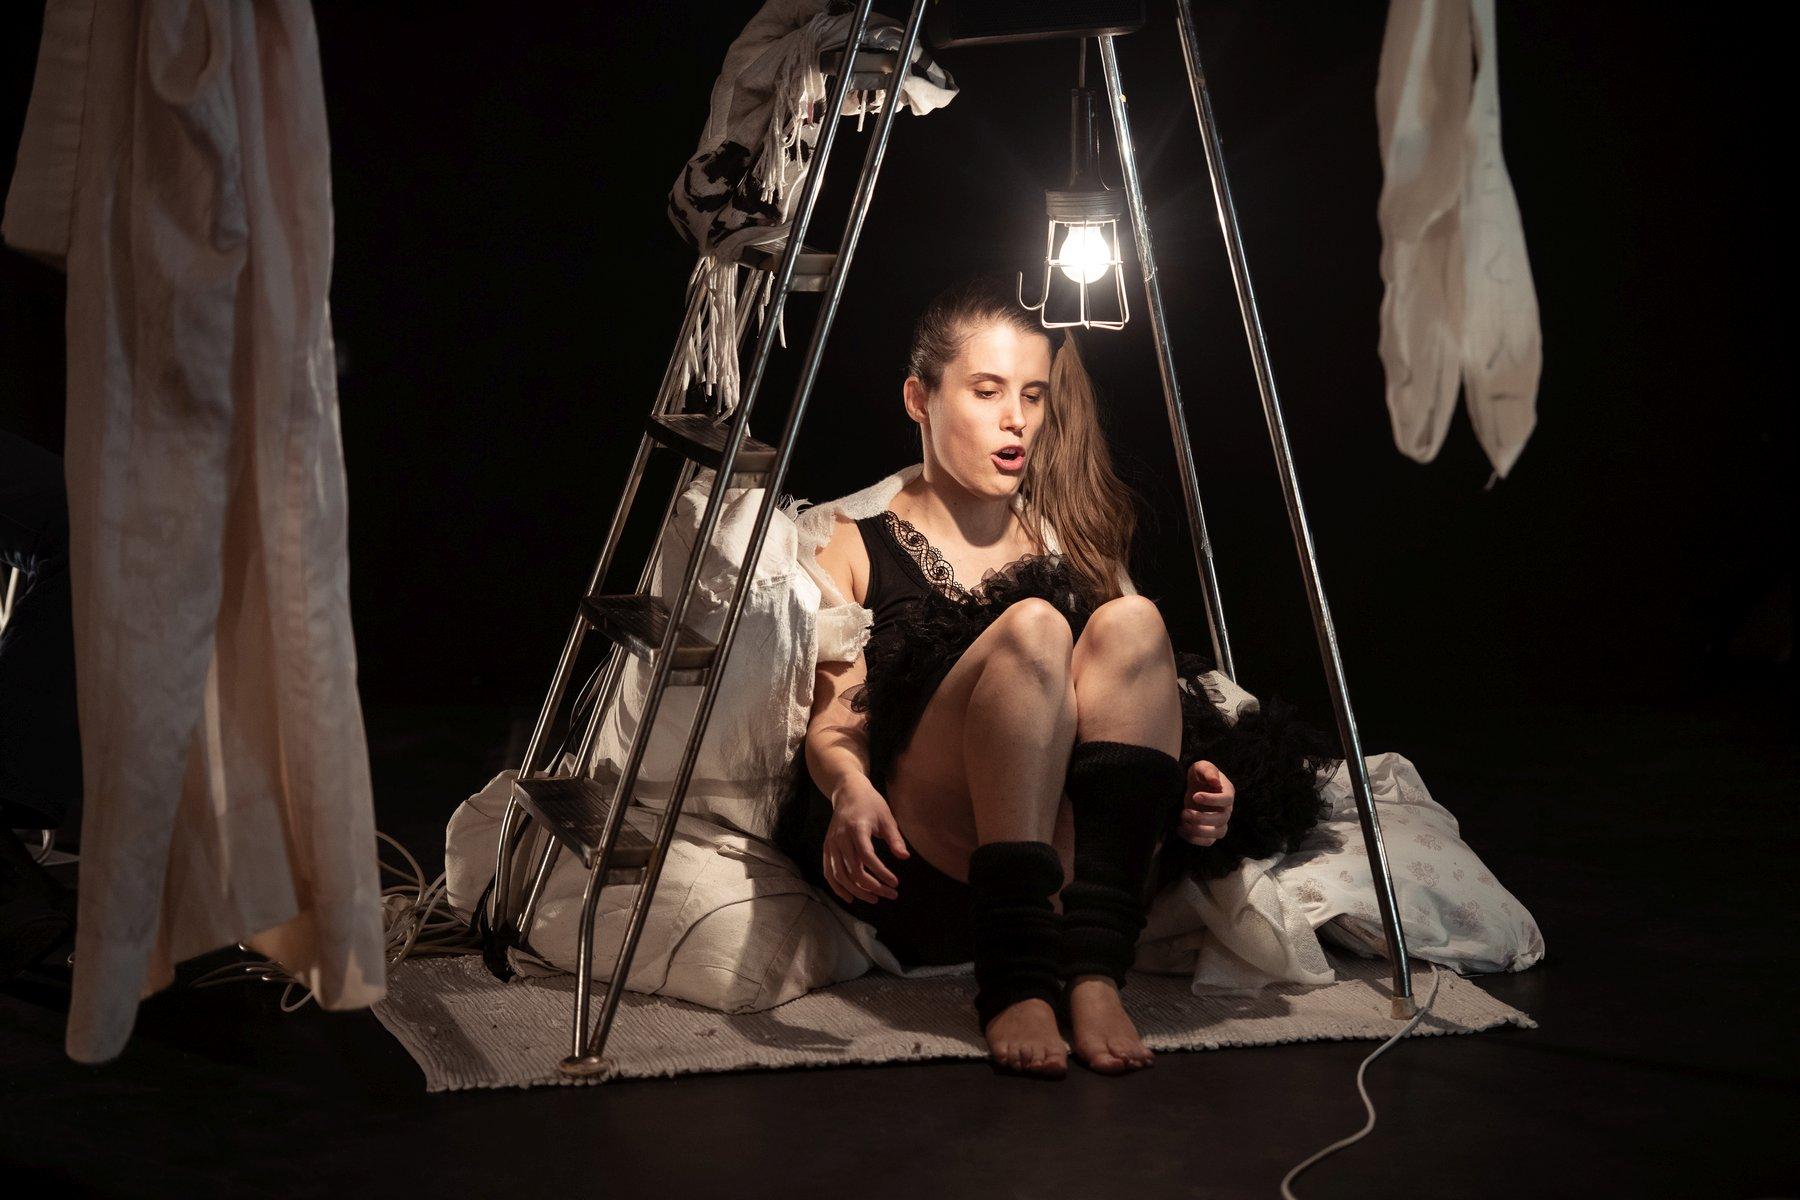 Eine junge Frau mit langen braunen, zum Zopf gebundenen Haaren sitzt unter einer aufgeklappten Leiter. Über ihrem Kopf hängt eine leuchtende Glühbirne. Sie sitzt auf einem kleinen Teppich, auf dem auch Kissen liegen. Um sie herum ist es dunkel. Die Lampe ist die einzige Lichtquelle.